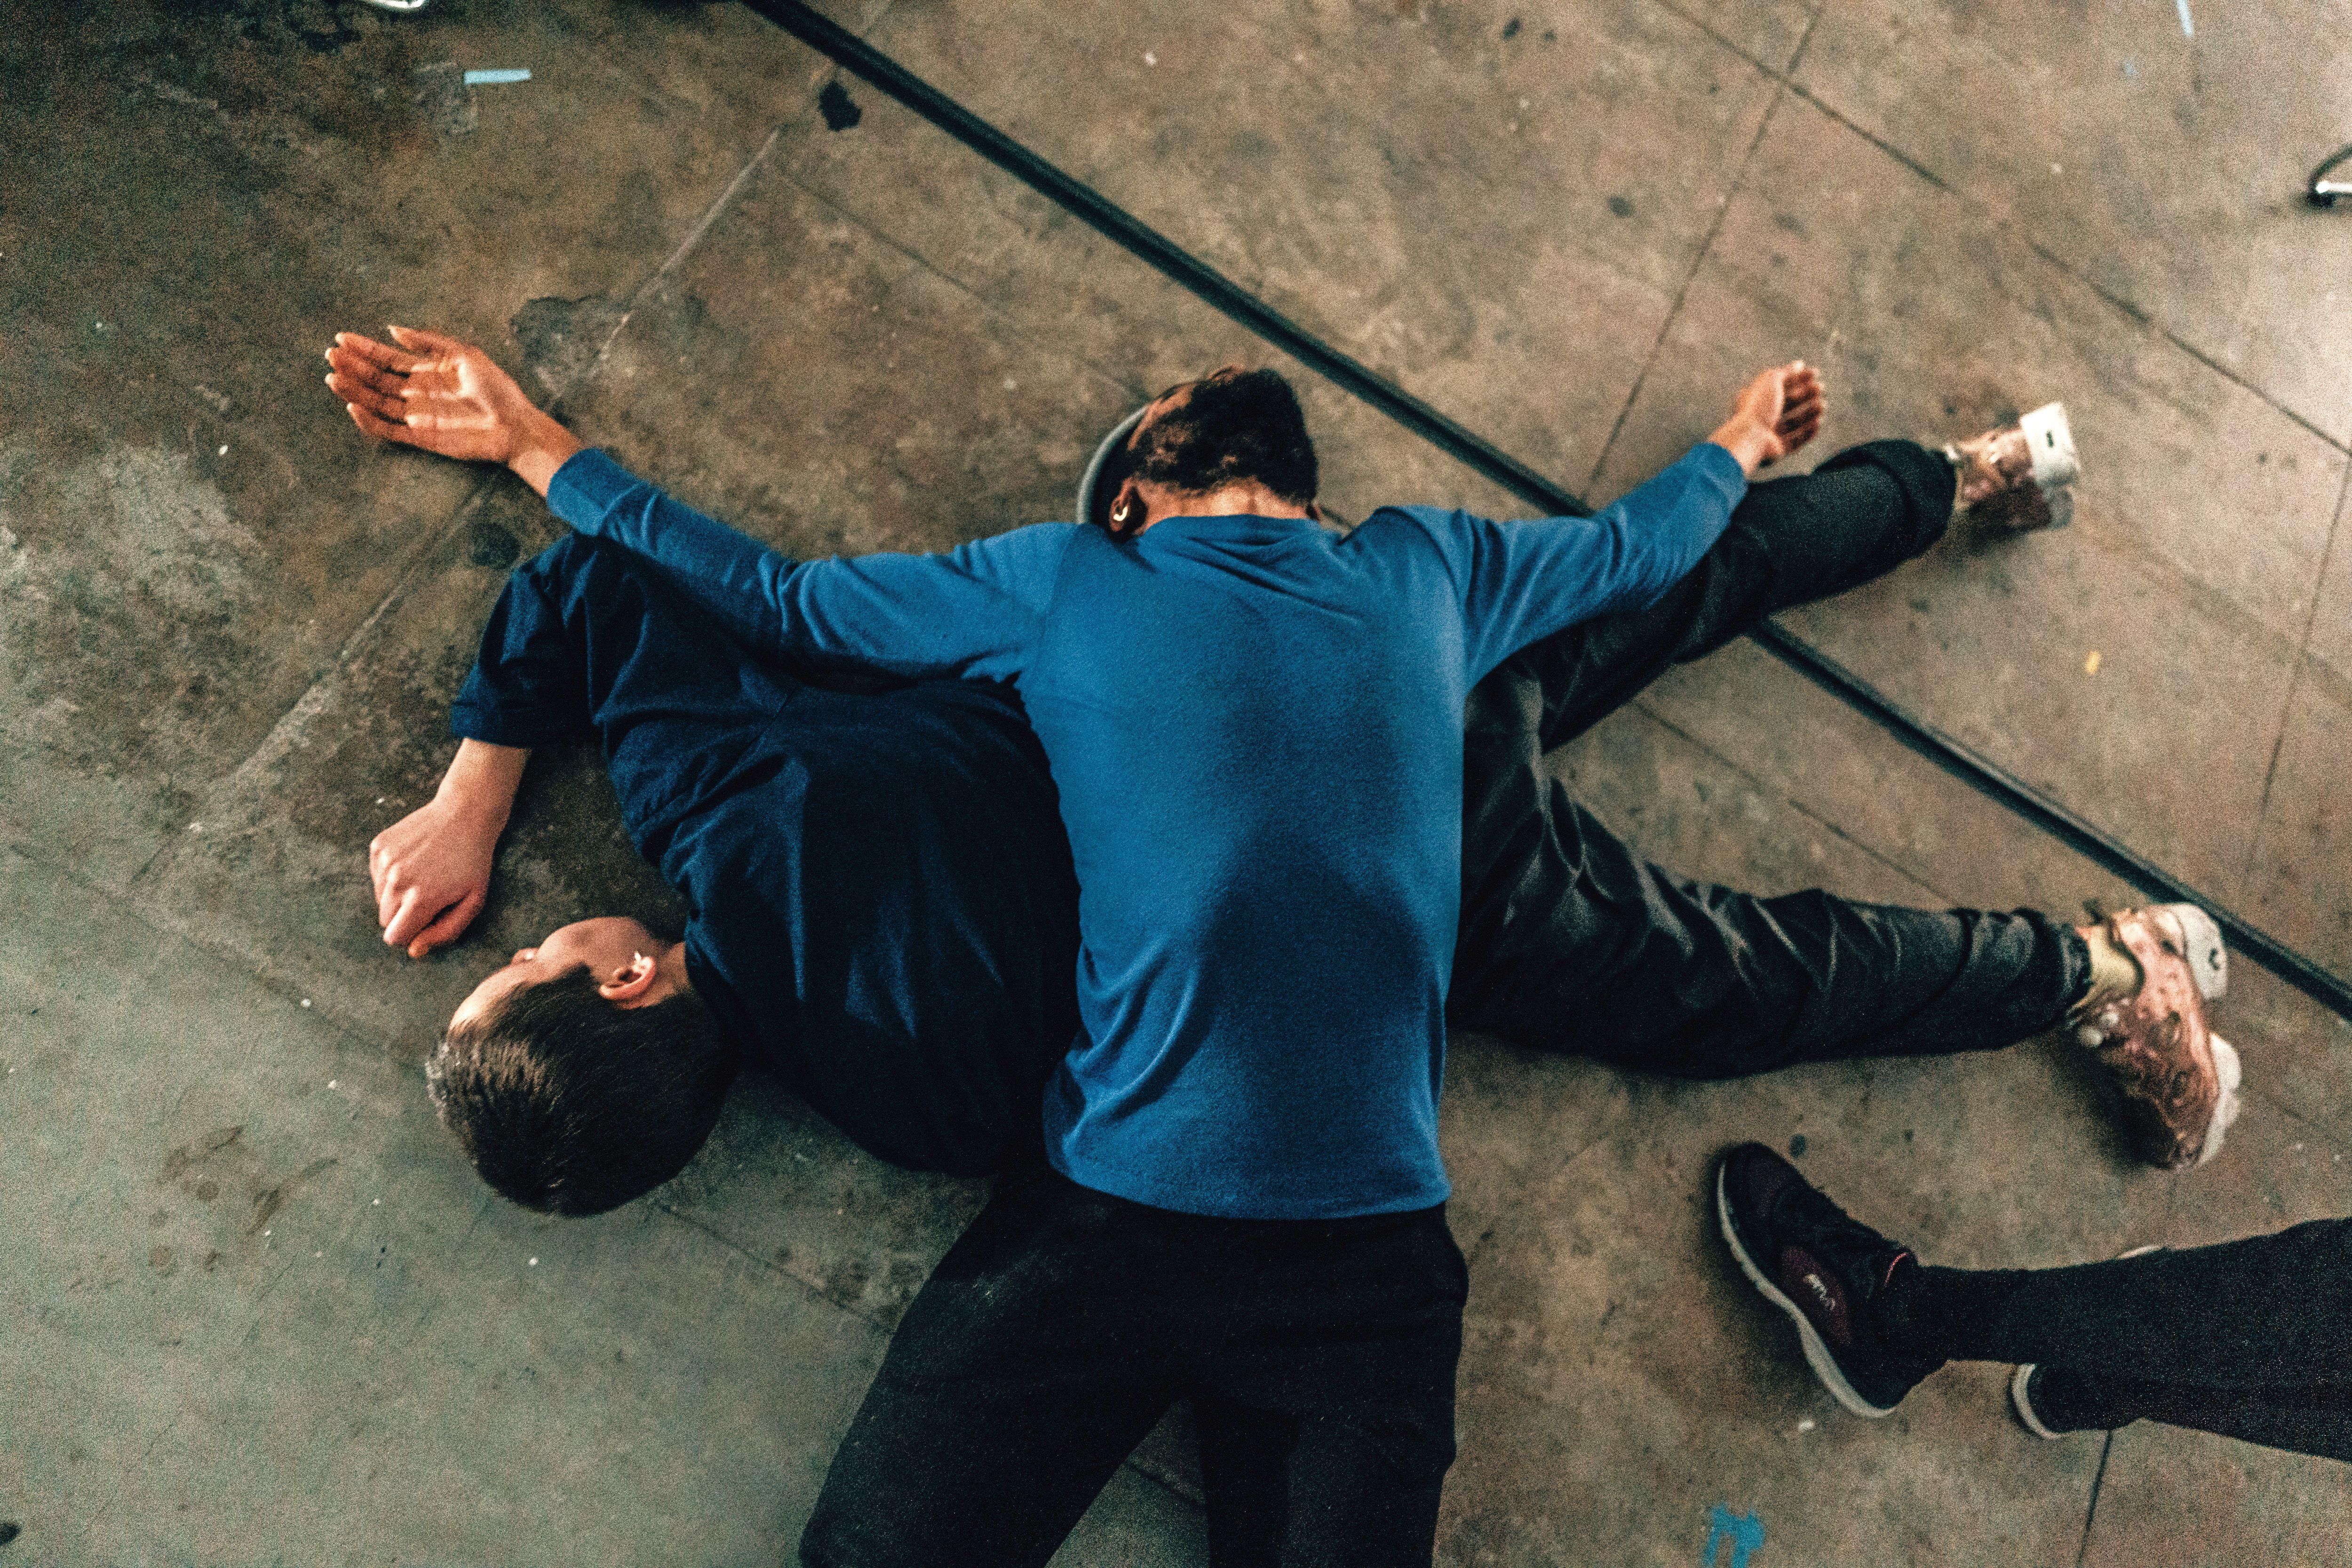 zwei Tänzer liegen aufeinander auf dem boden